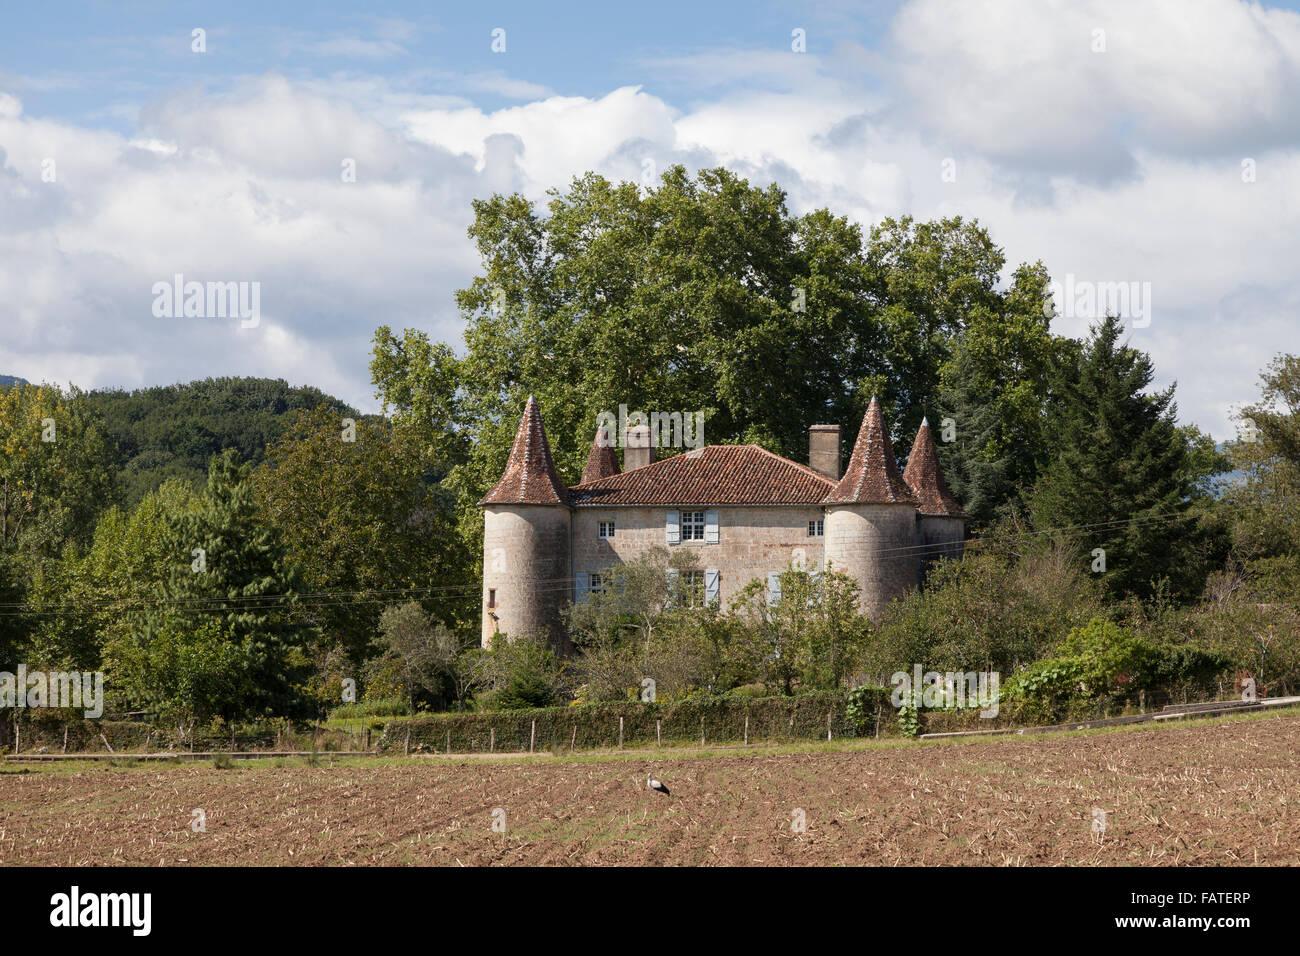 Château in the village of Saint-Jean-le-Vieux along the Voie du Piémont route of the Camino de Santiago. - Stock Image